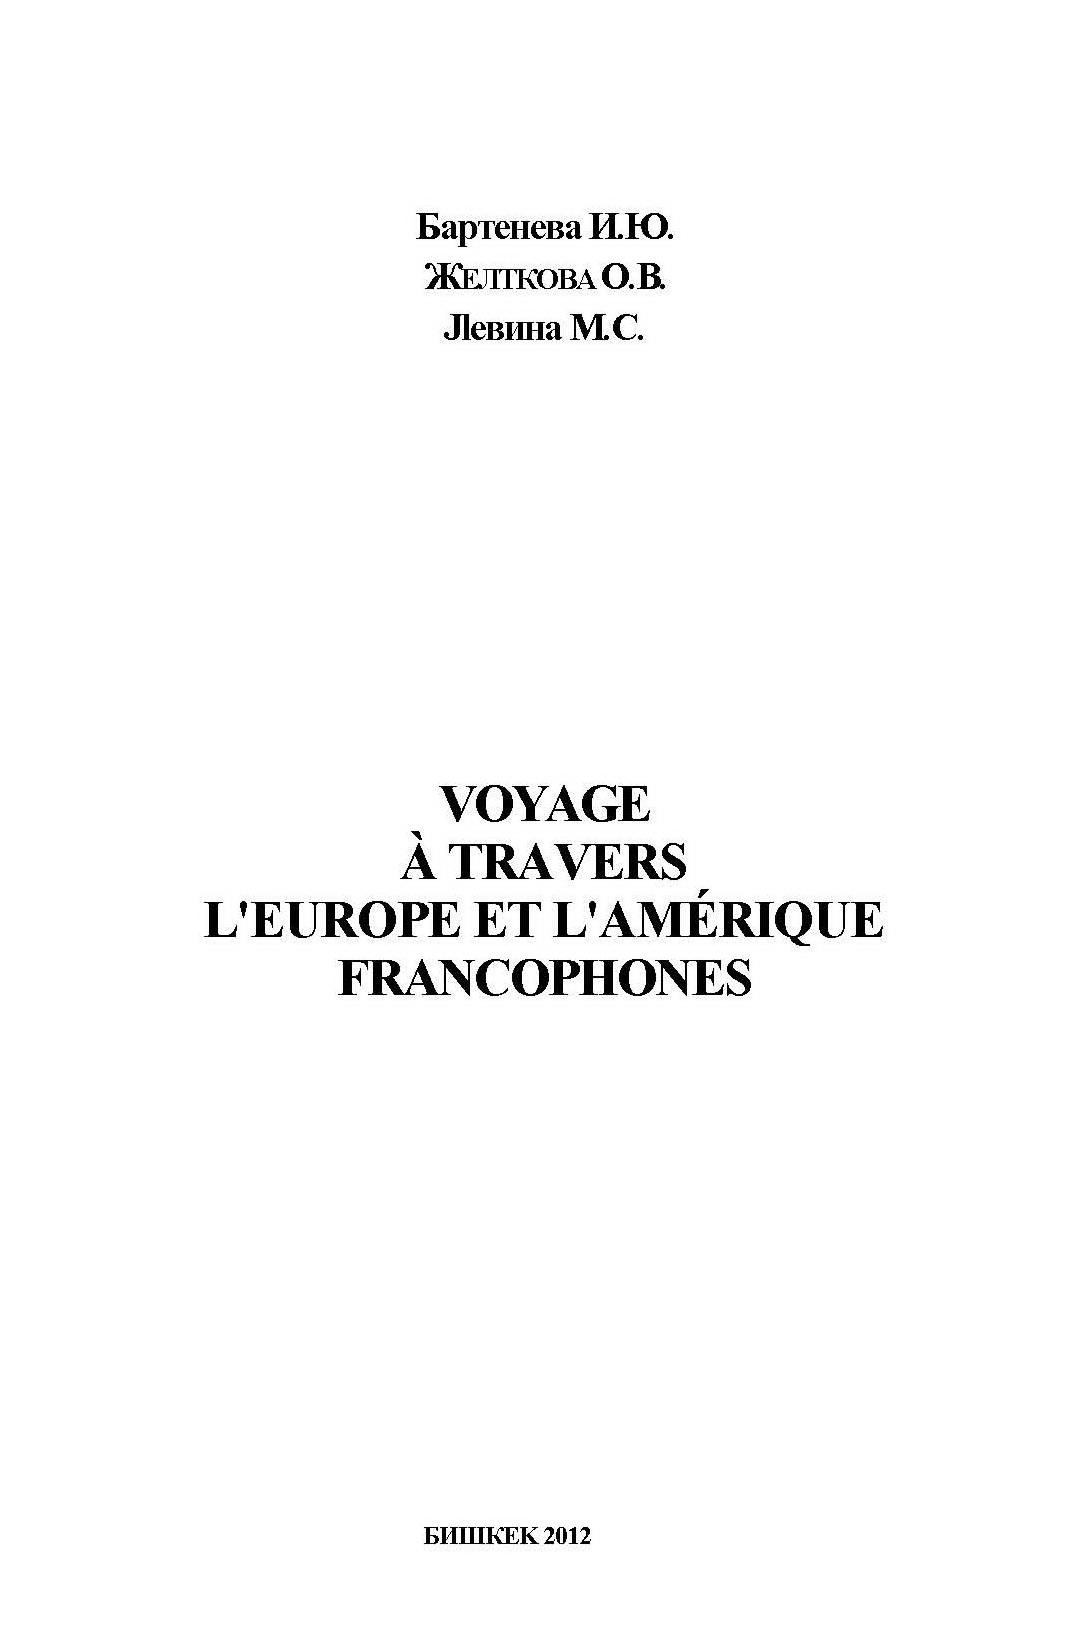 Voyage à travers l'Europe et l'amérique francophones. Хрестоматия по страноведению на французском языке